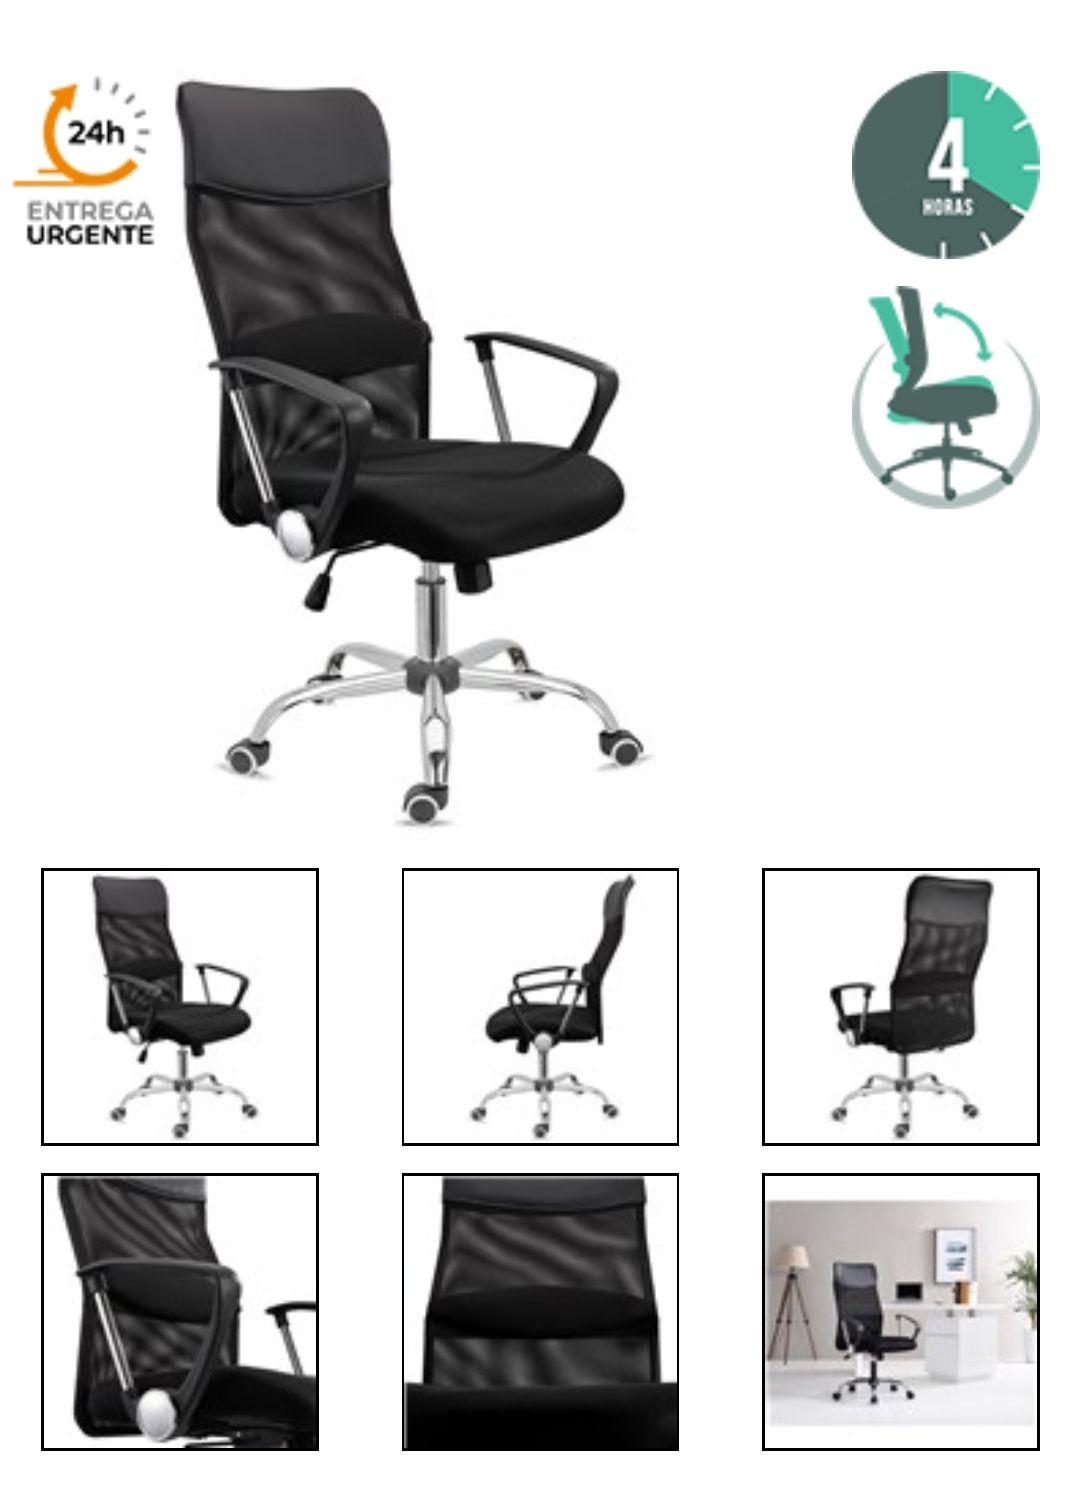 Silla de Oficina ASPEN, Malla Transpirable, asiento acolchado y Precio increíble, Color Negro